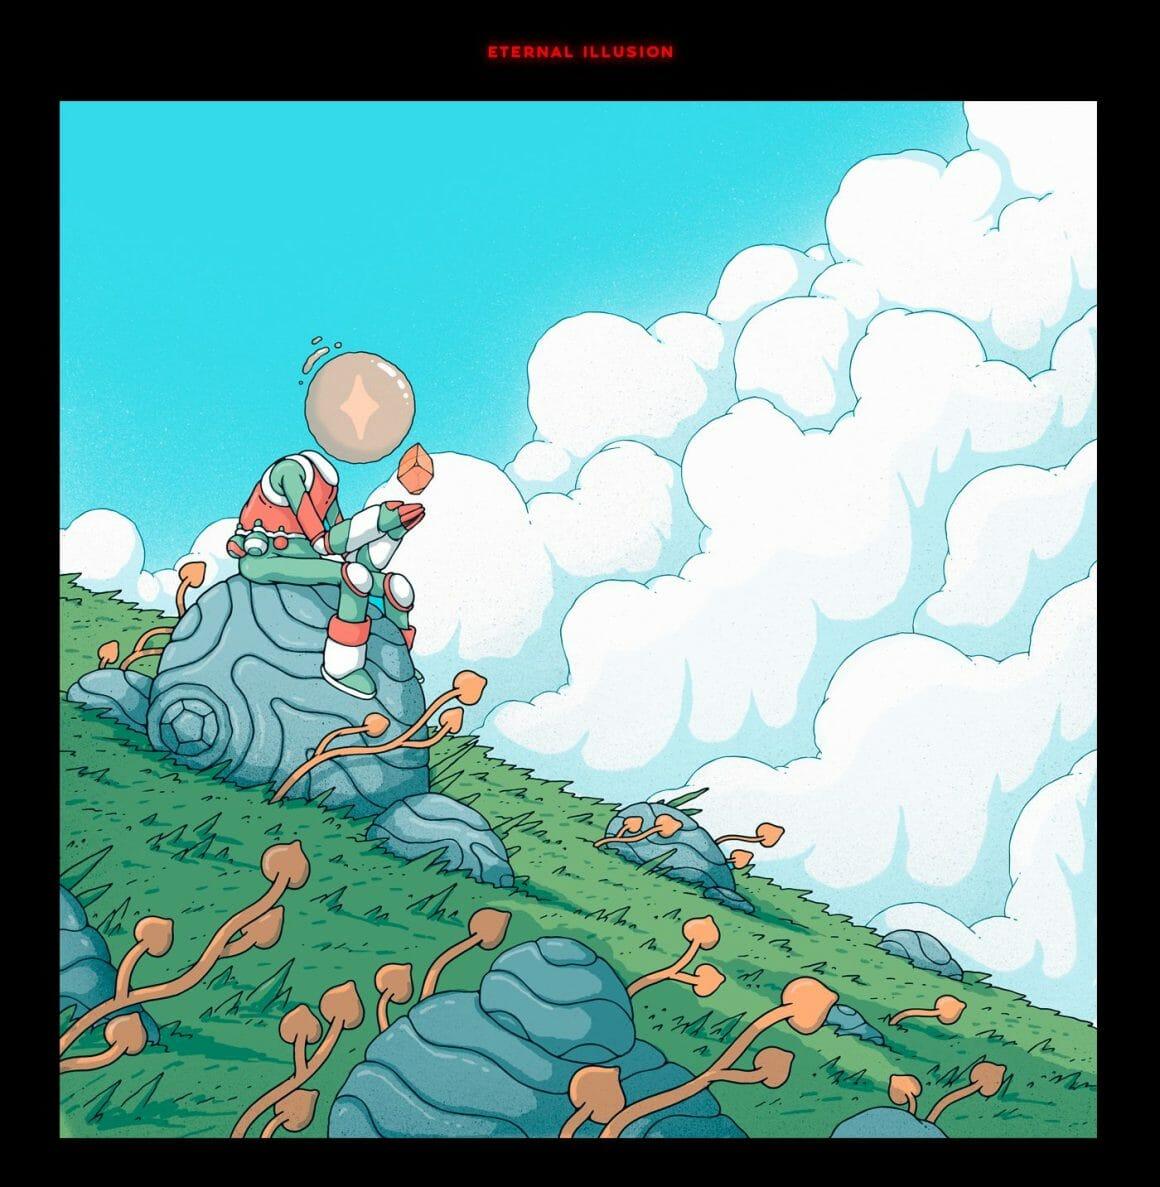 Personnage avec tête en forme de bulle, assis sur un rocher futuriste, contemple une figure géométrique flottant au dessus de ses mains jointes. Prairie utopiste, brouillard et ciel bleu.